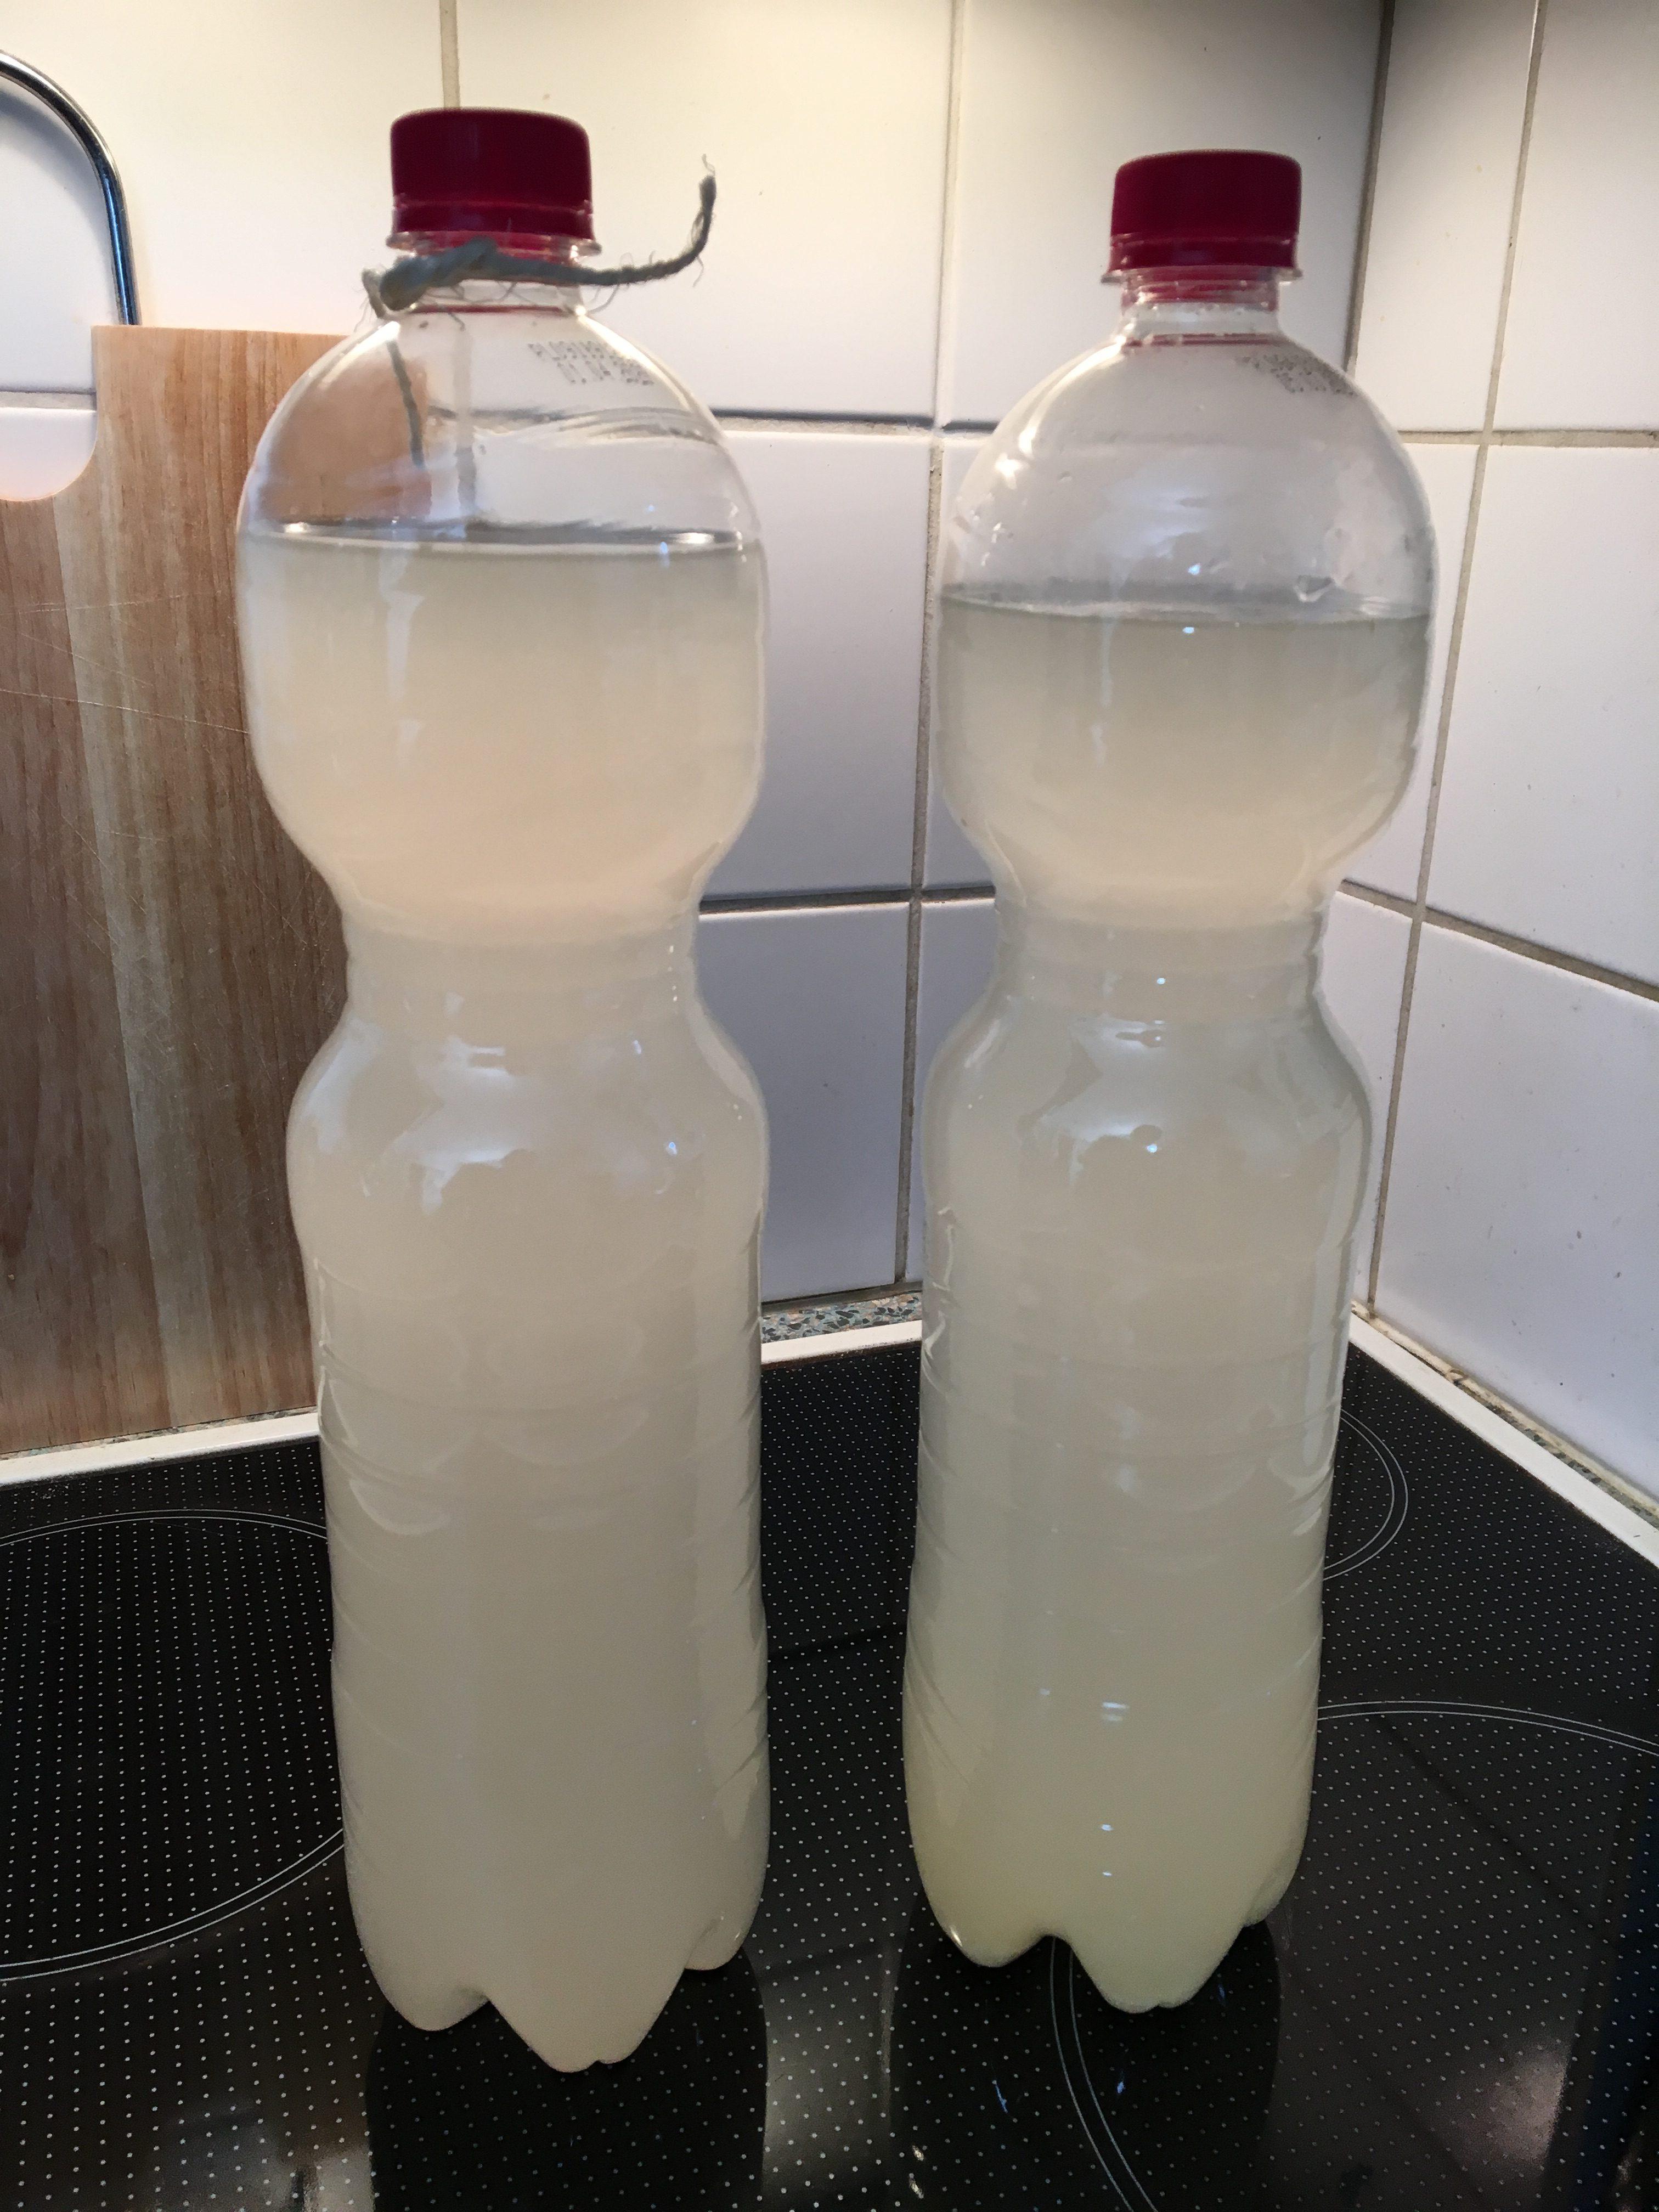 Und nochmal in ganzer Flasche: Rechts der erste Durchgang mit frischen Ingwerstücken, links der zweite mit gekochtem Ingwersirup